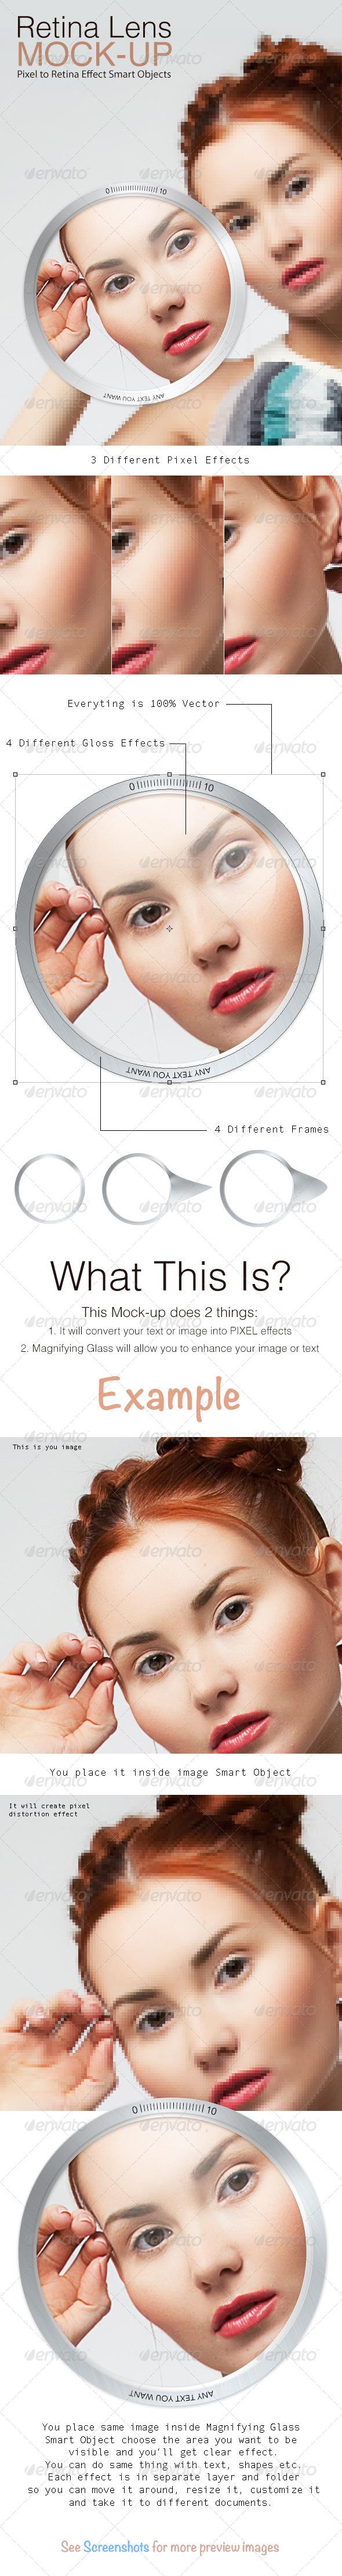 GraphicRiver Retina Lens Mock-up 4854771